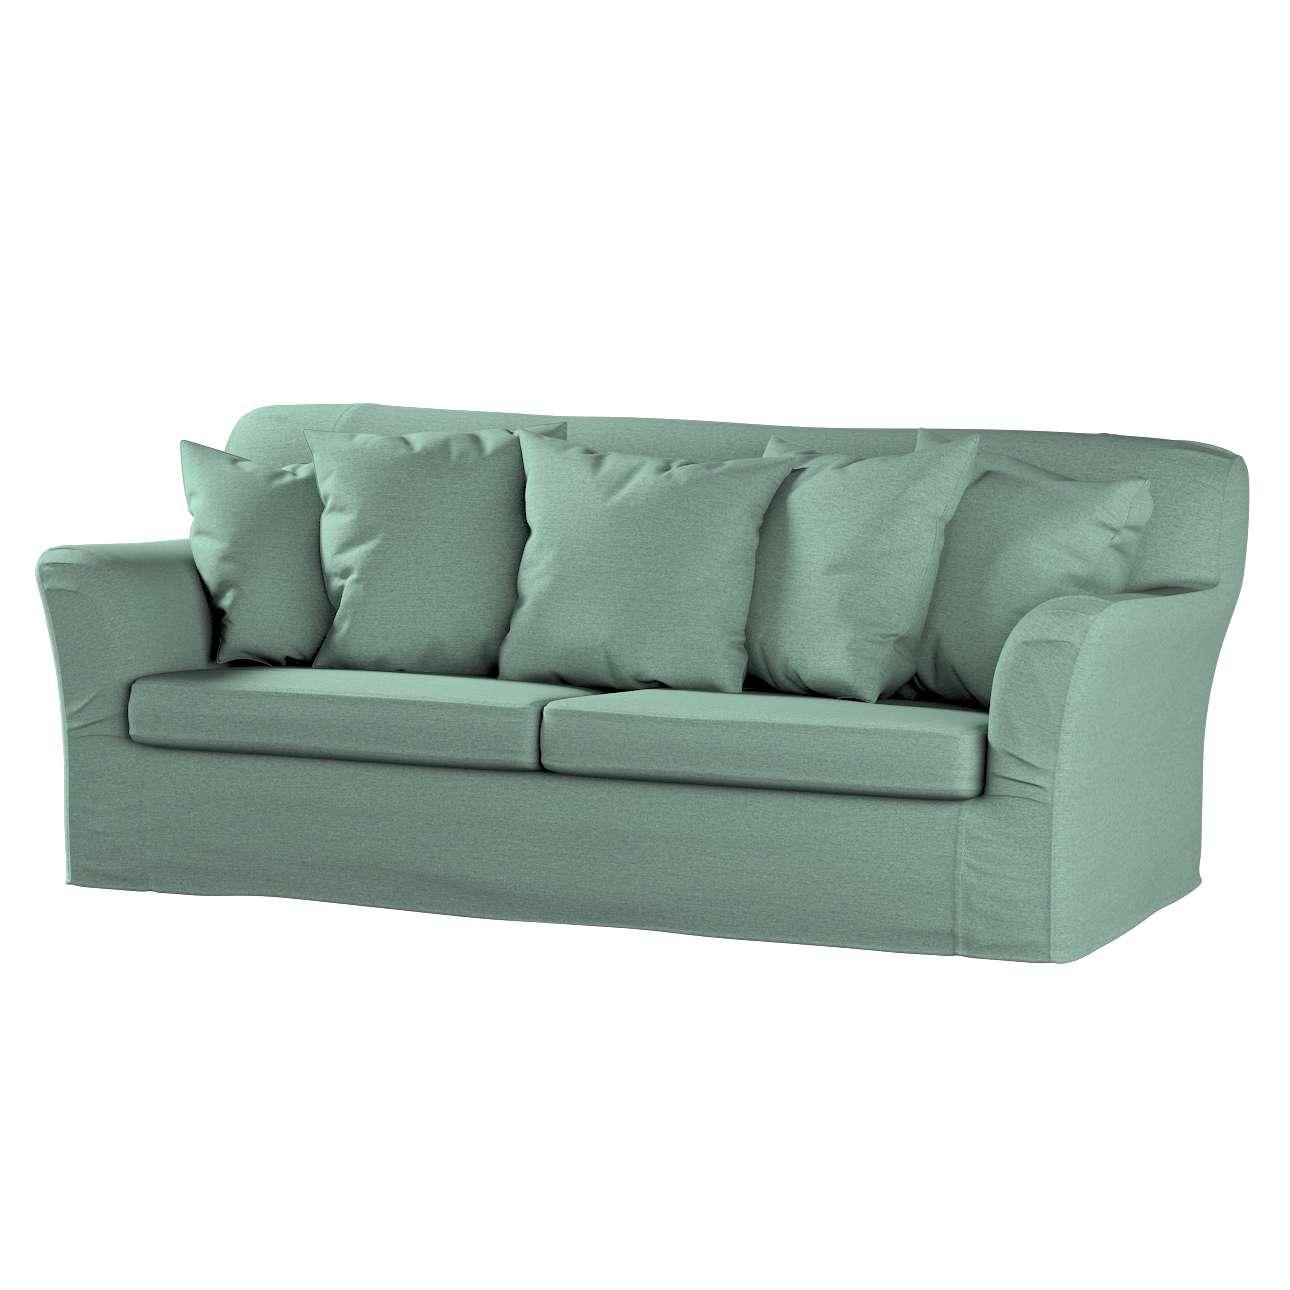 Pokrowiec na sofę Tomelilla 3-osobową rozkładaną w kolekcji Madrid, tkanina: 161-89